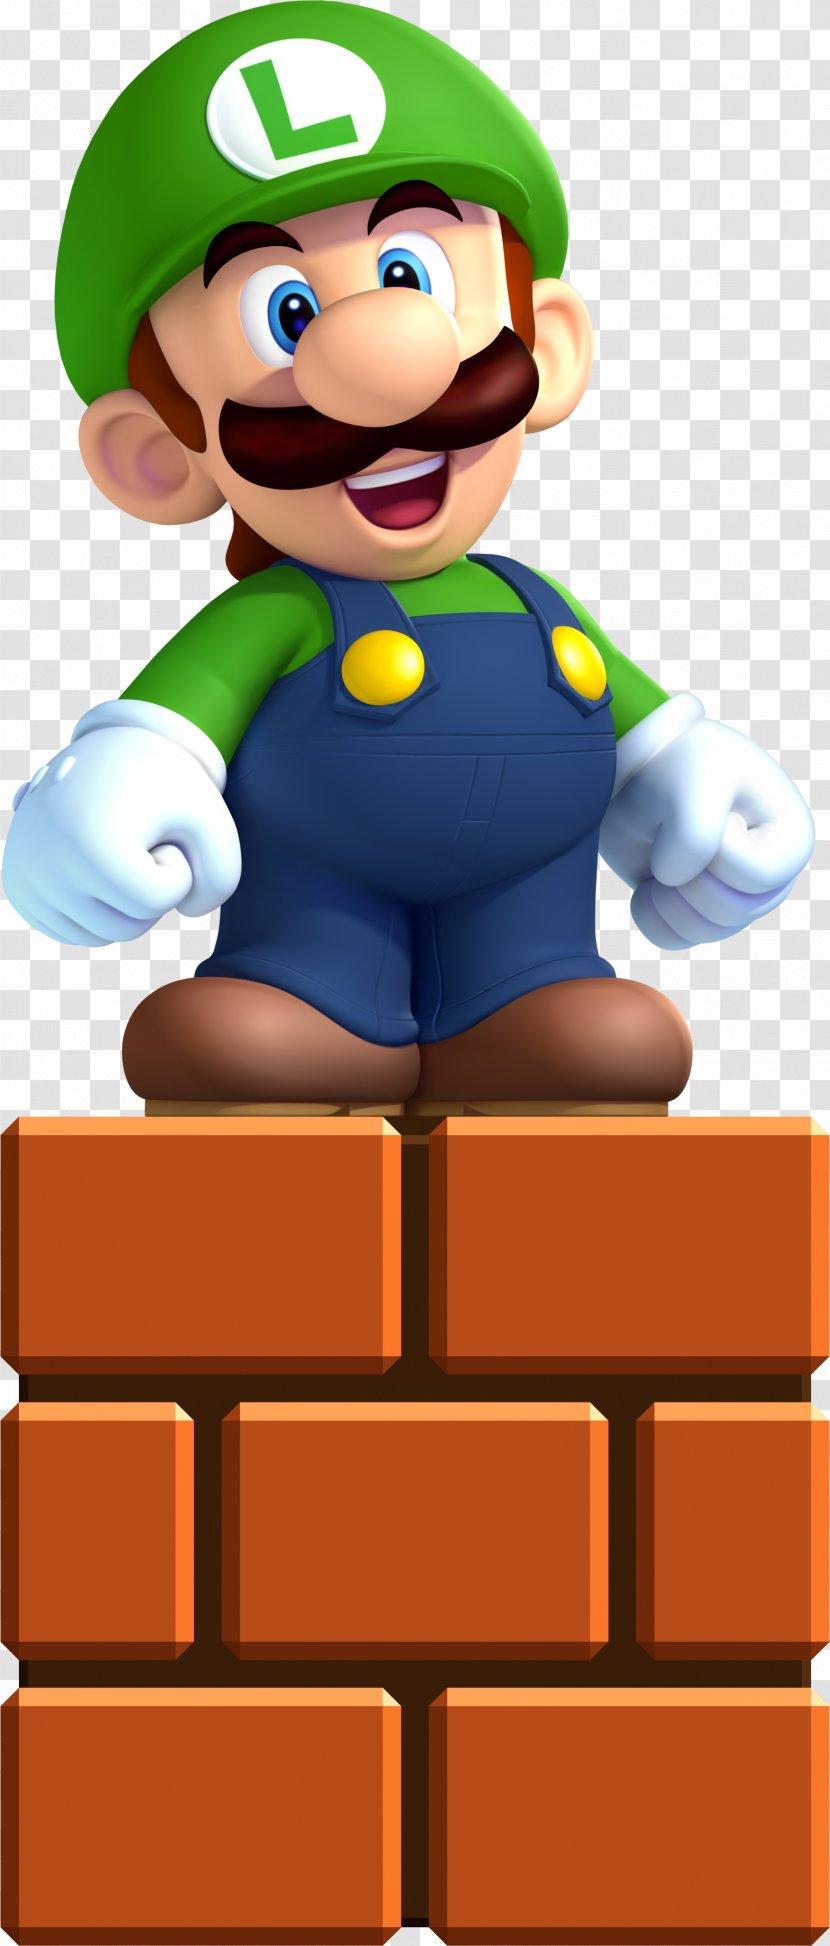 New Super Mario Bros U Luigi Wii Play Transparent Png